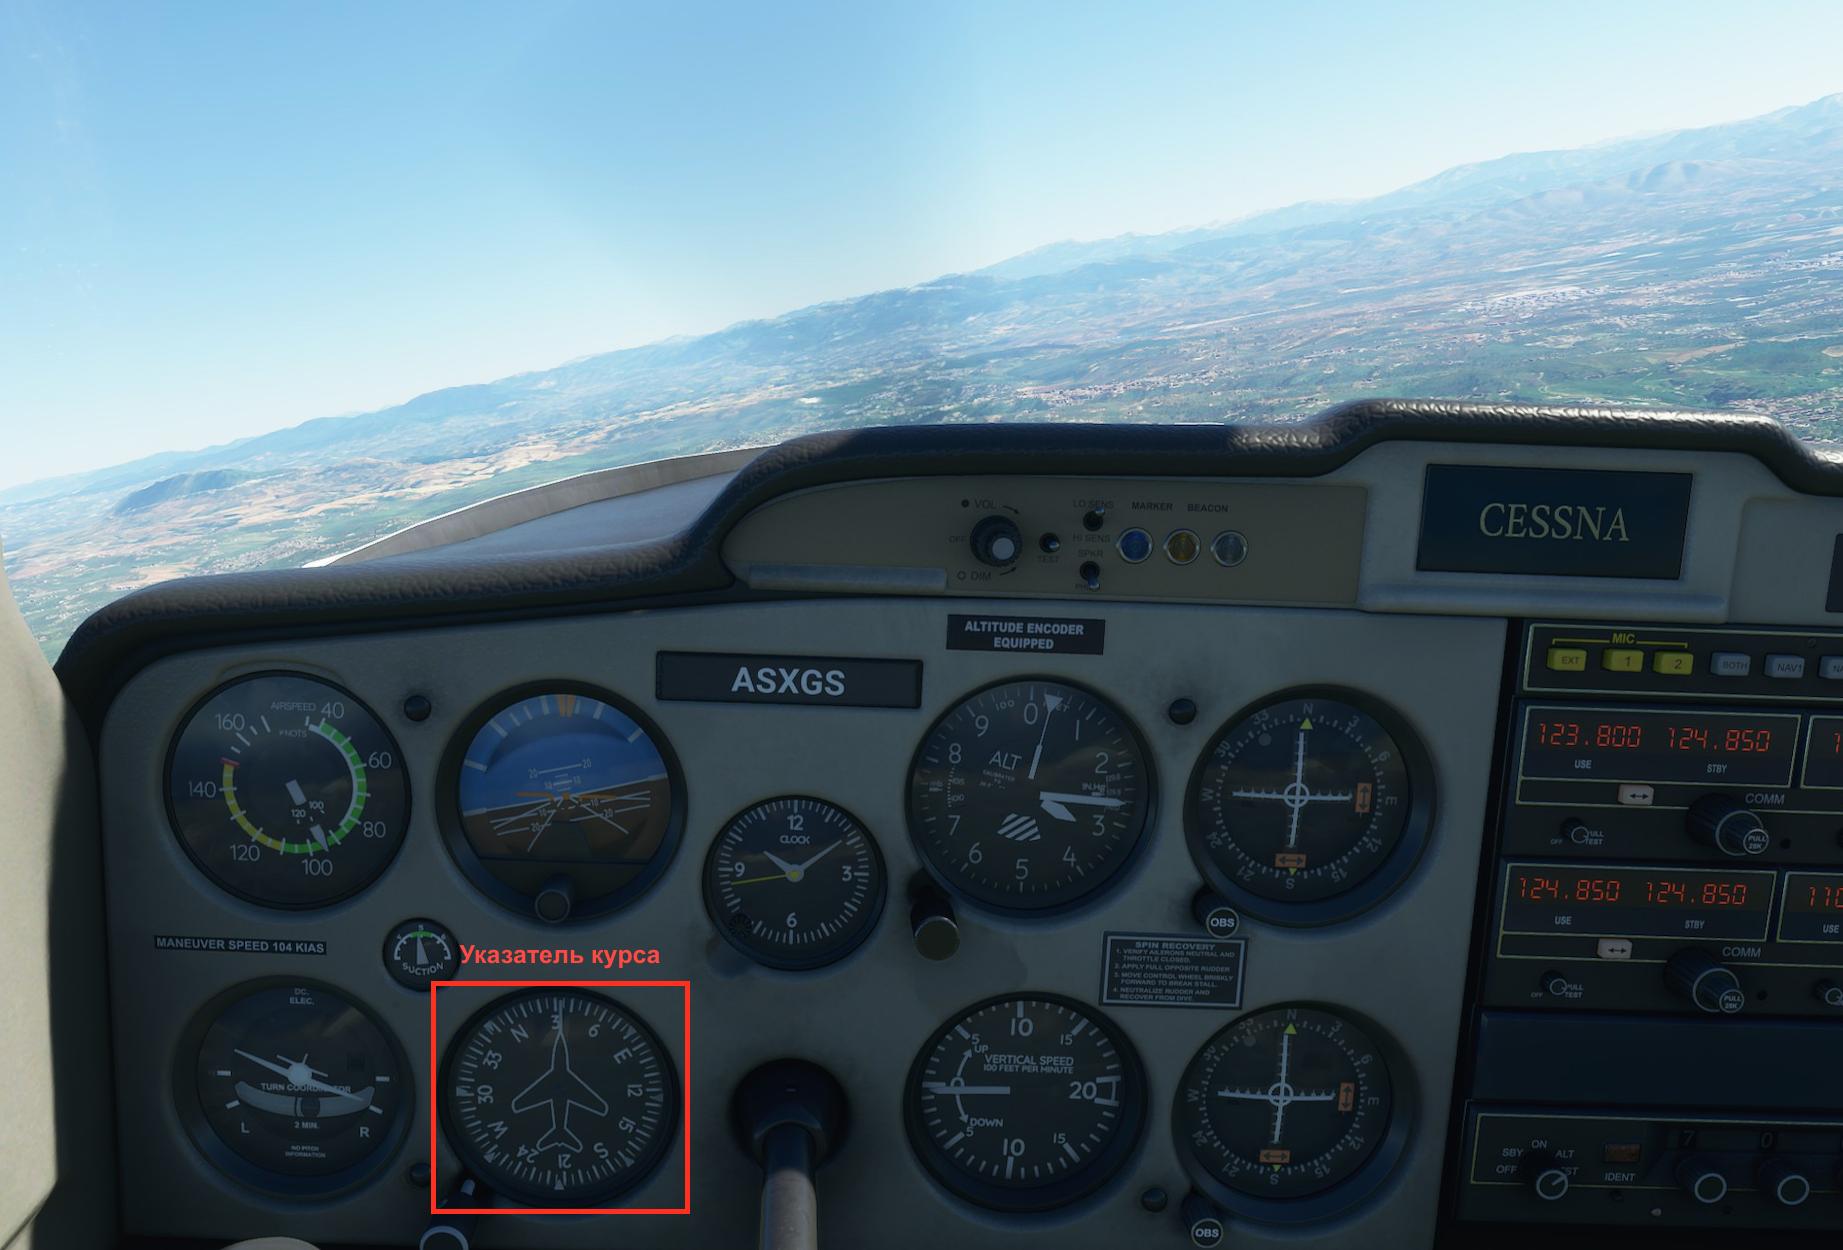 Гайд по Flight Simulator от пилотов: учимся управлять самолетом - 9